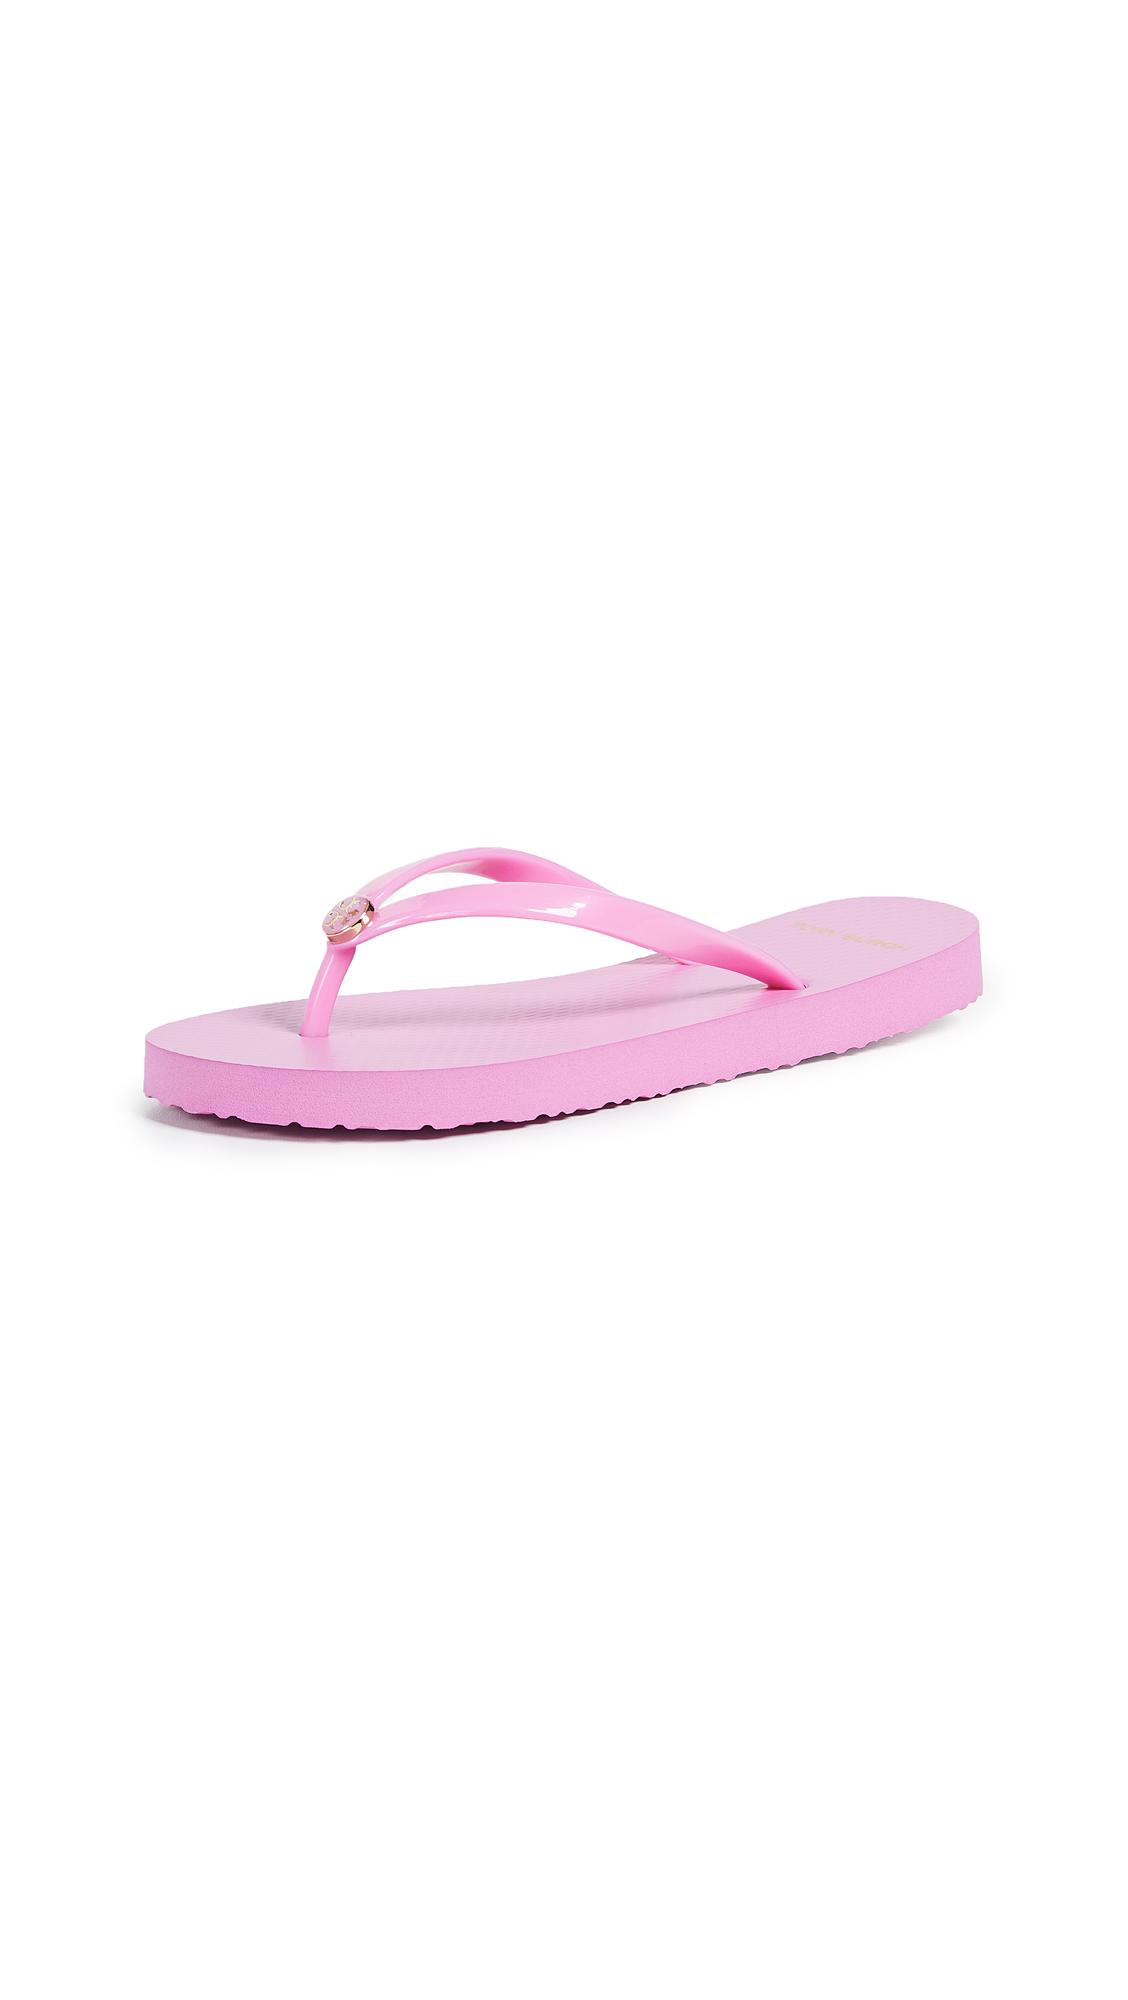 Tory Burch Solid Flip Flops - Magnolia Rosa